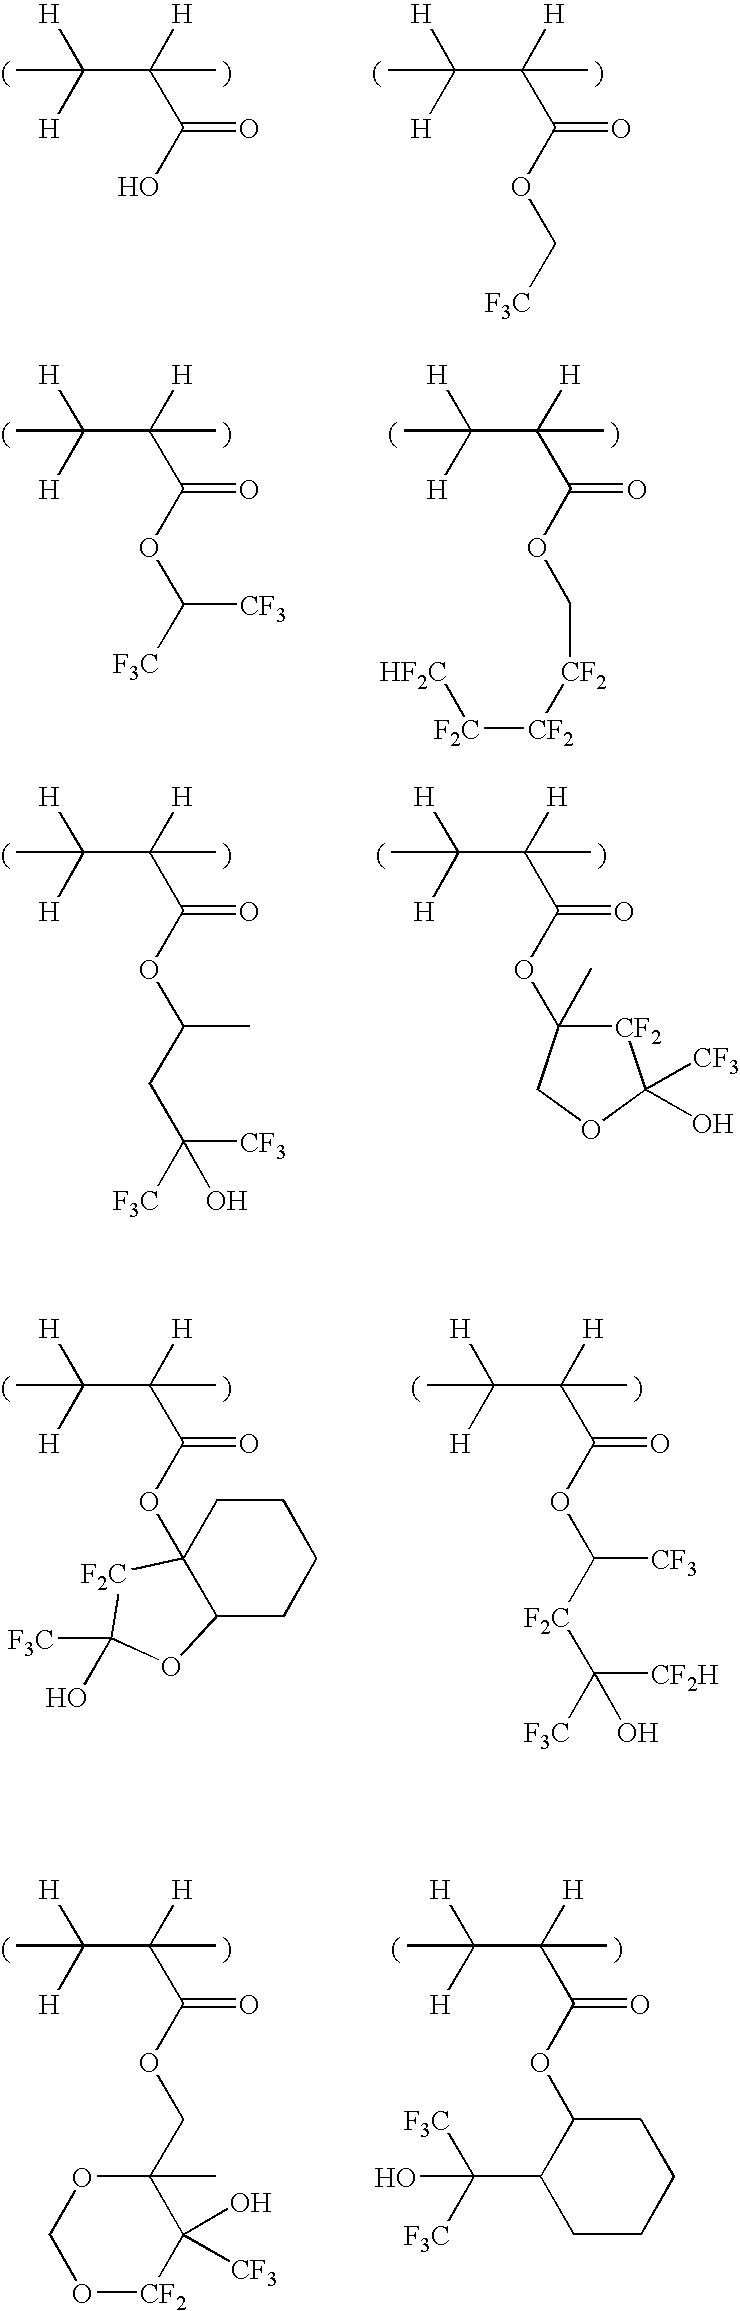 Figure US20080026331A1-20080131-C00061